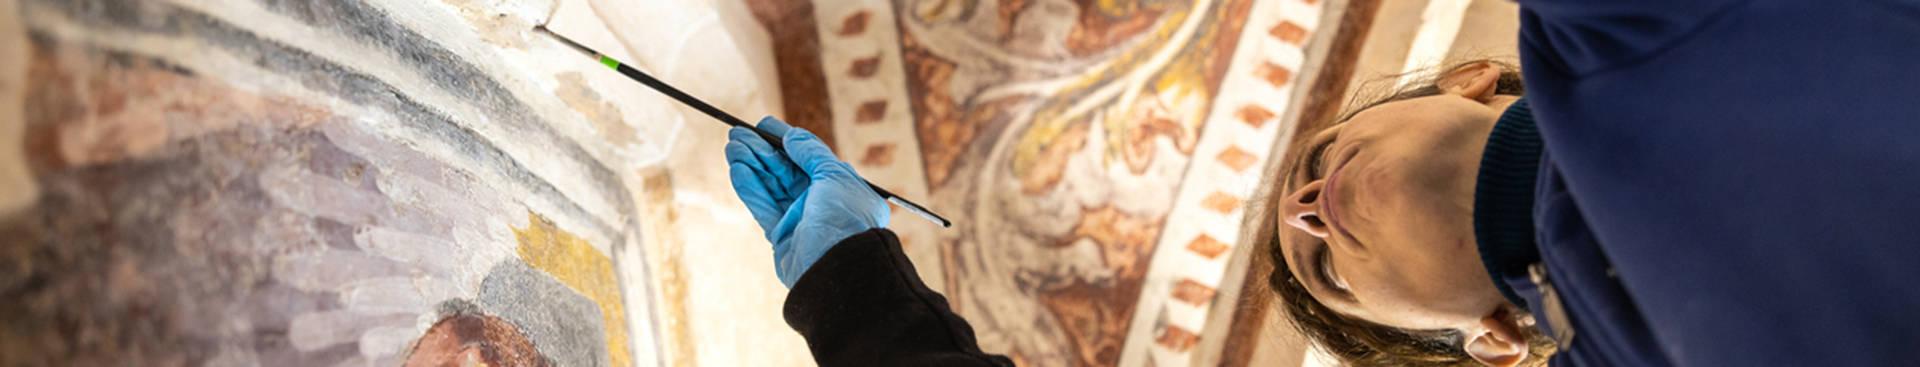 técnicas de conservación y restauración del patrimonio